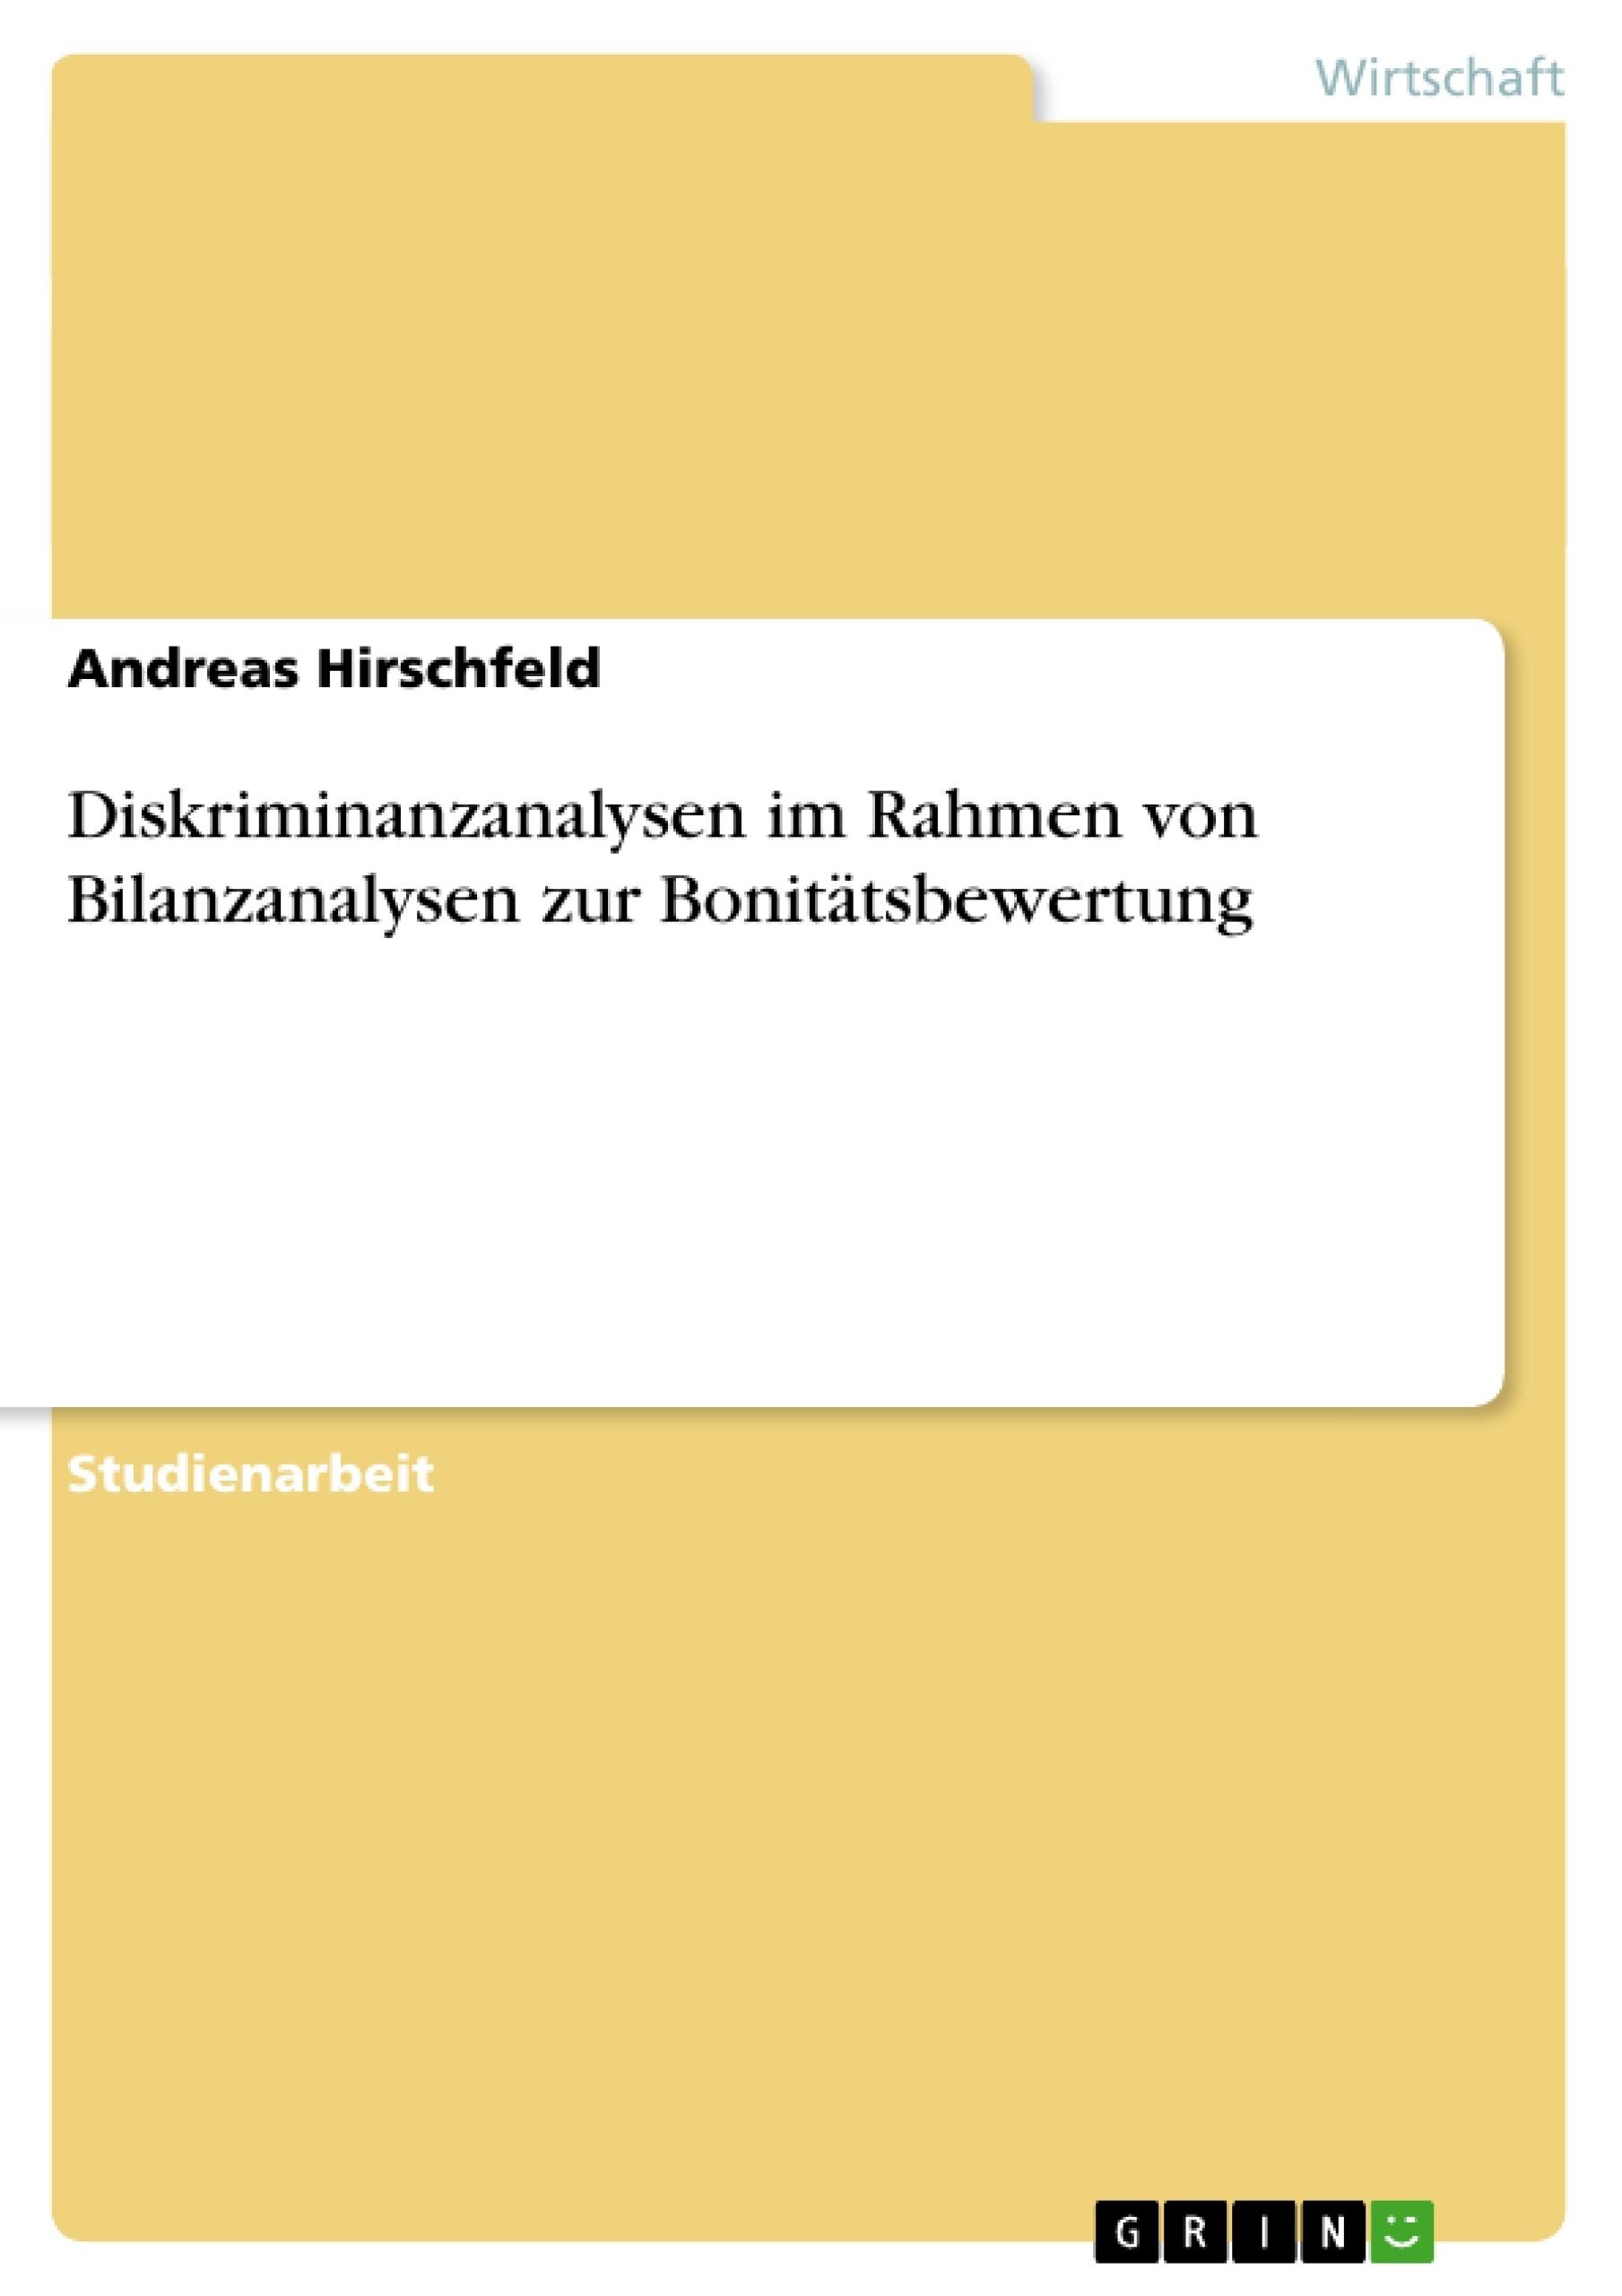 Titel: Diskriminanzanalysen im Rahmen von Bilanzanalysen zur Bonitätsbewertung